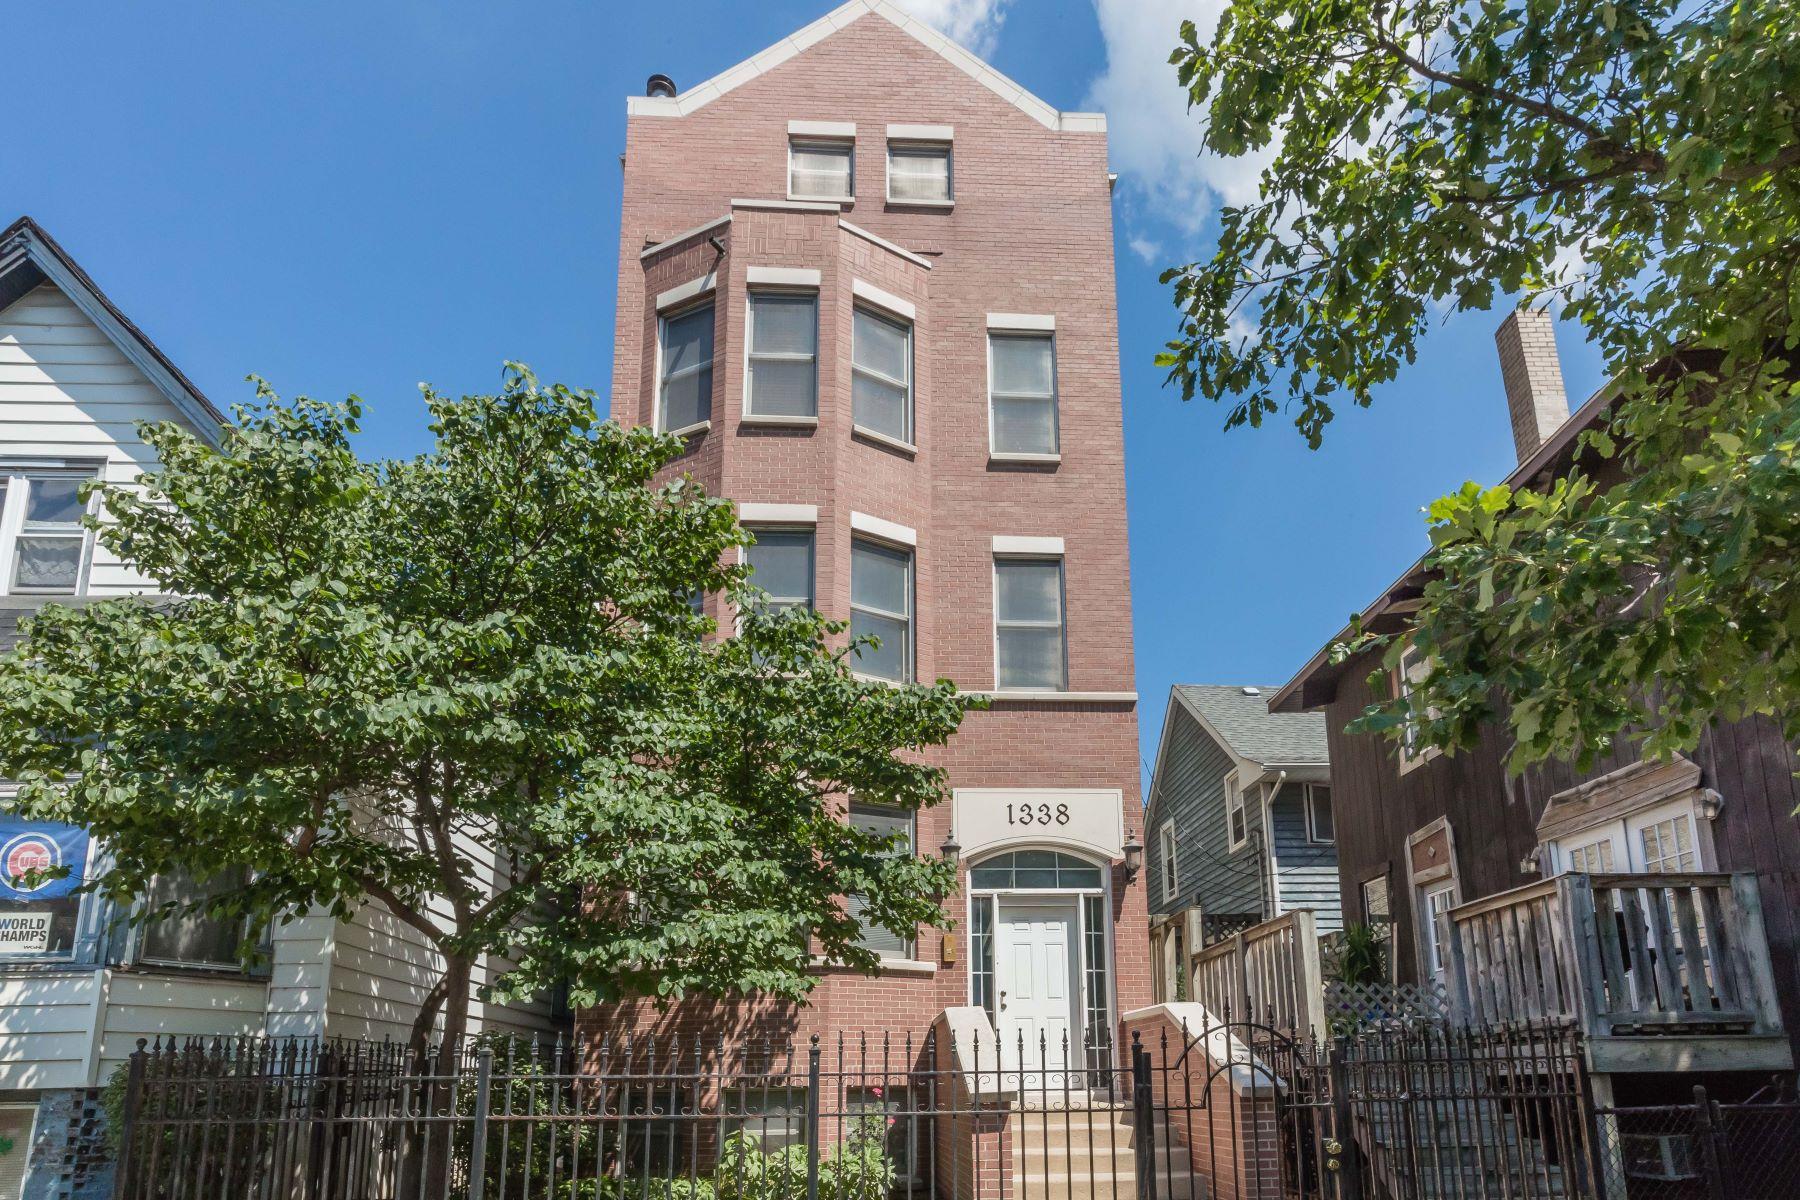 Tek Ailelik Ev için Satış at Incredibly Spacious 2 Bedroom in Southport Corridor 1338 W Addison Street Chicago, Illinois, 60613 Amerika Birleşik Devletleri